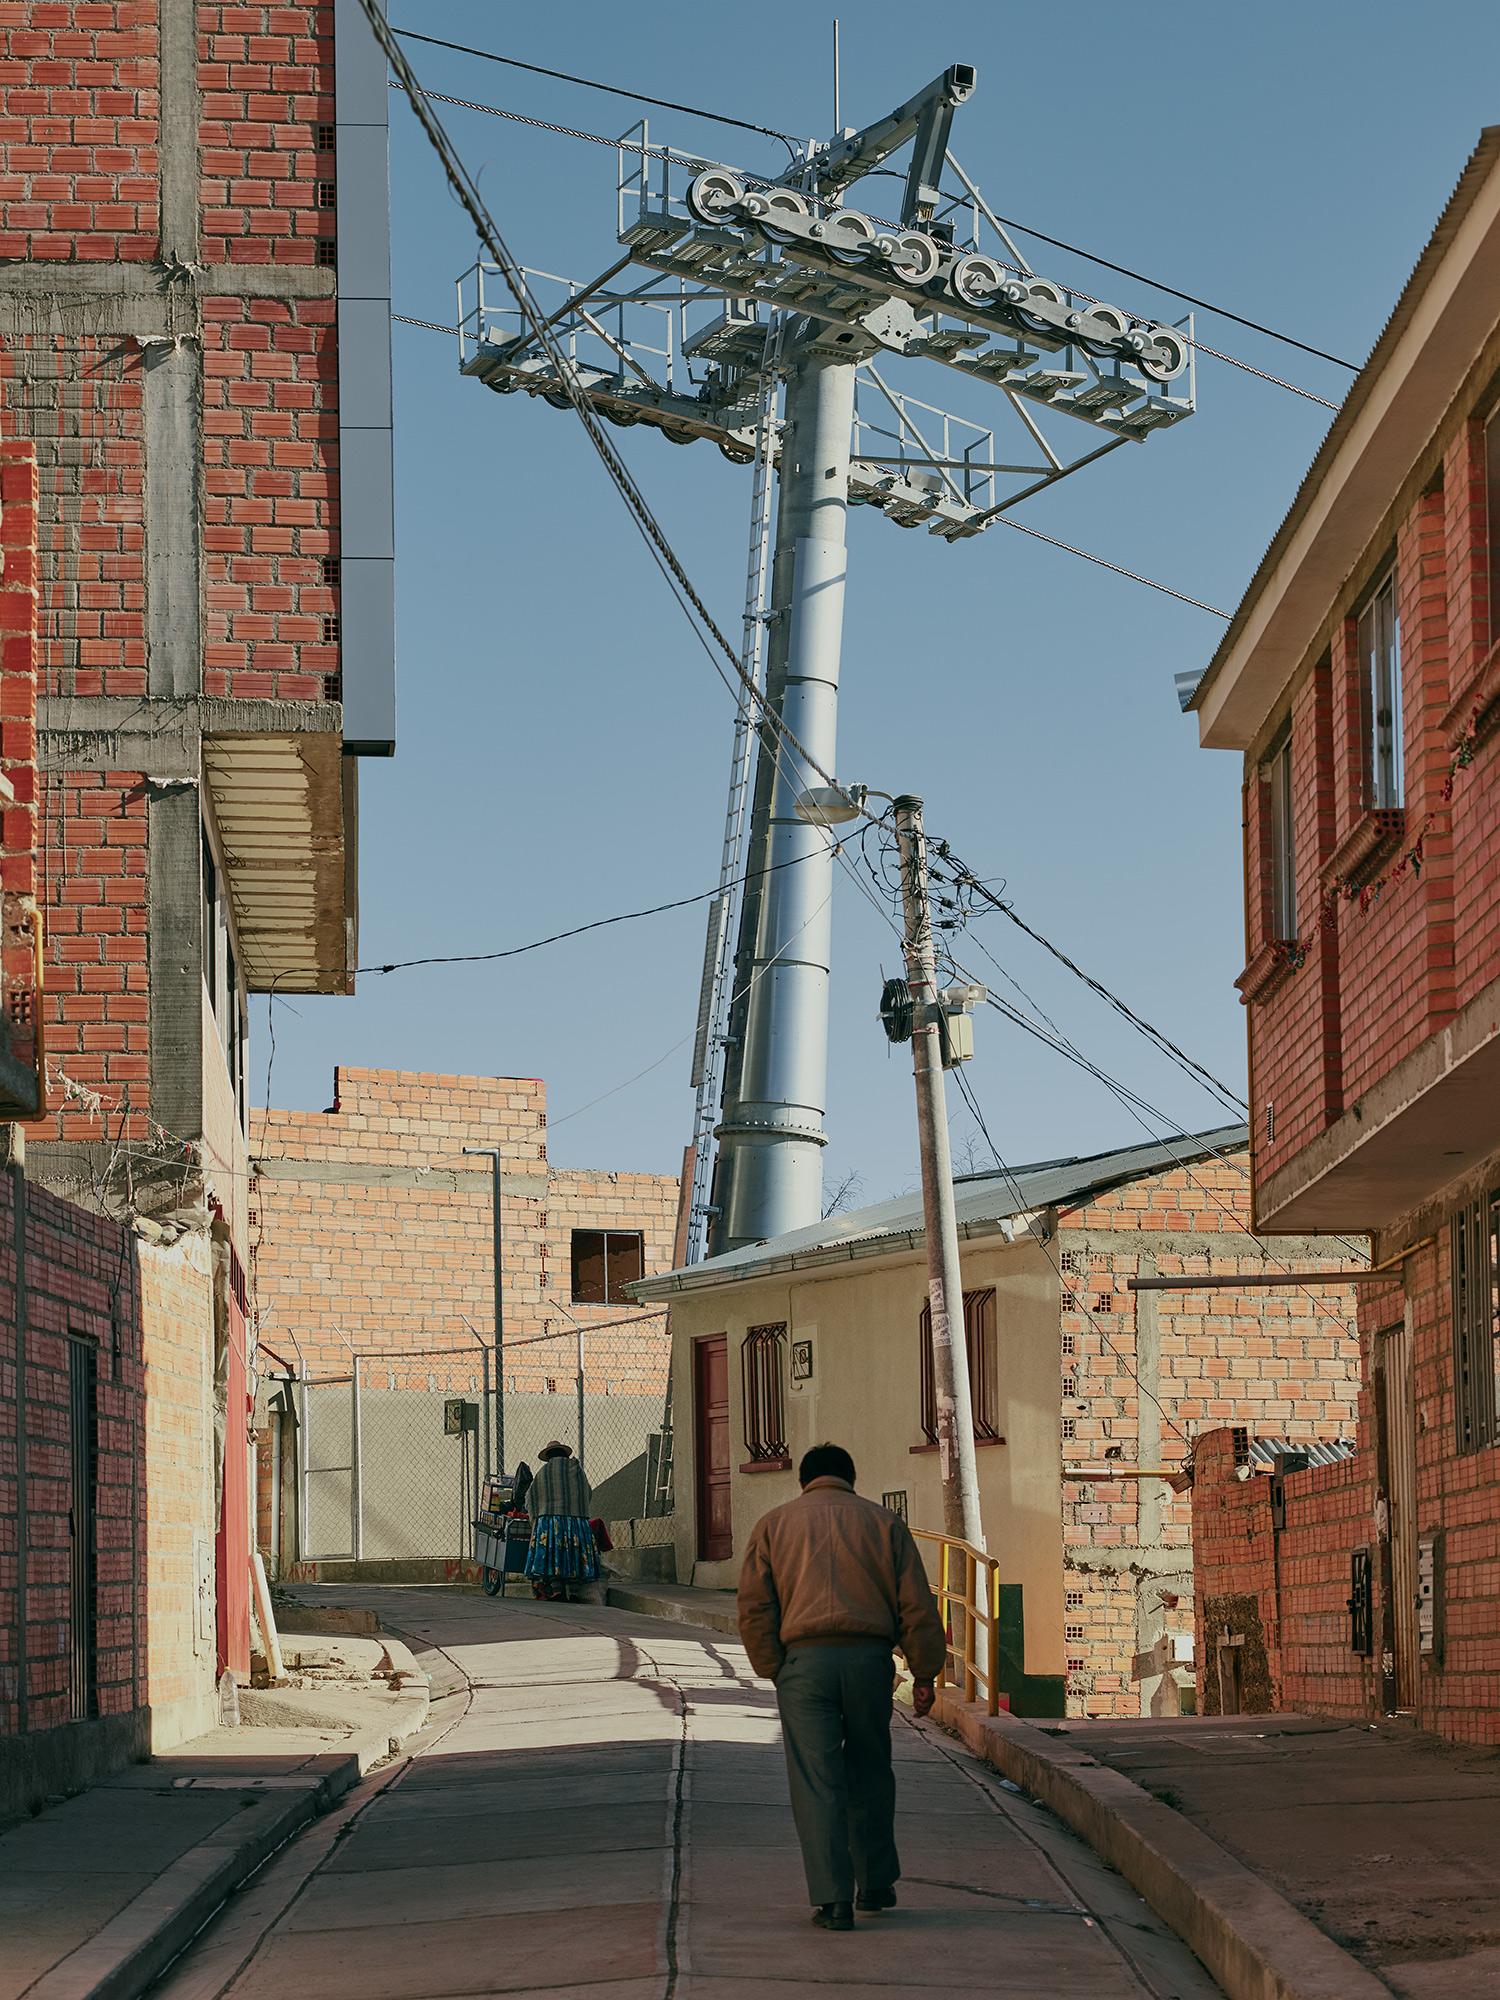 El alto, bolivia townscape